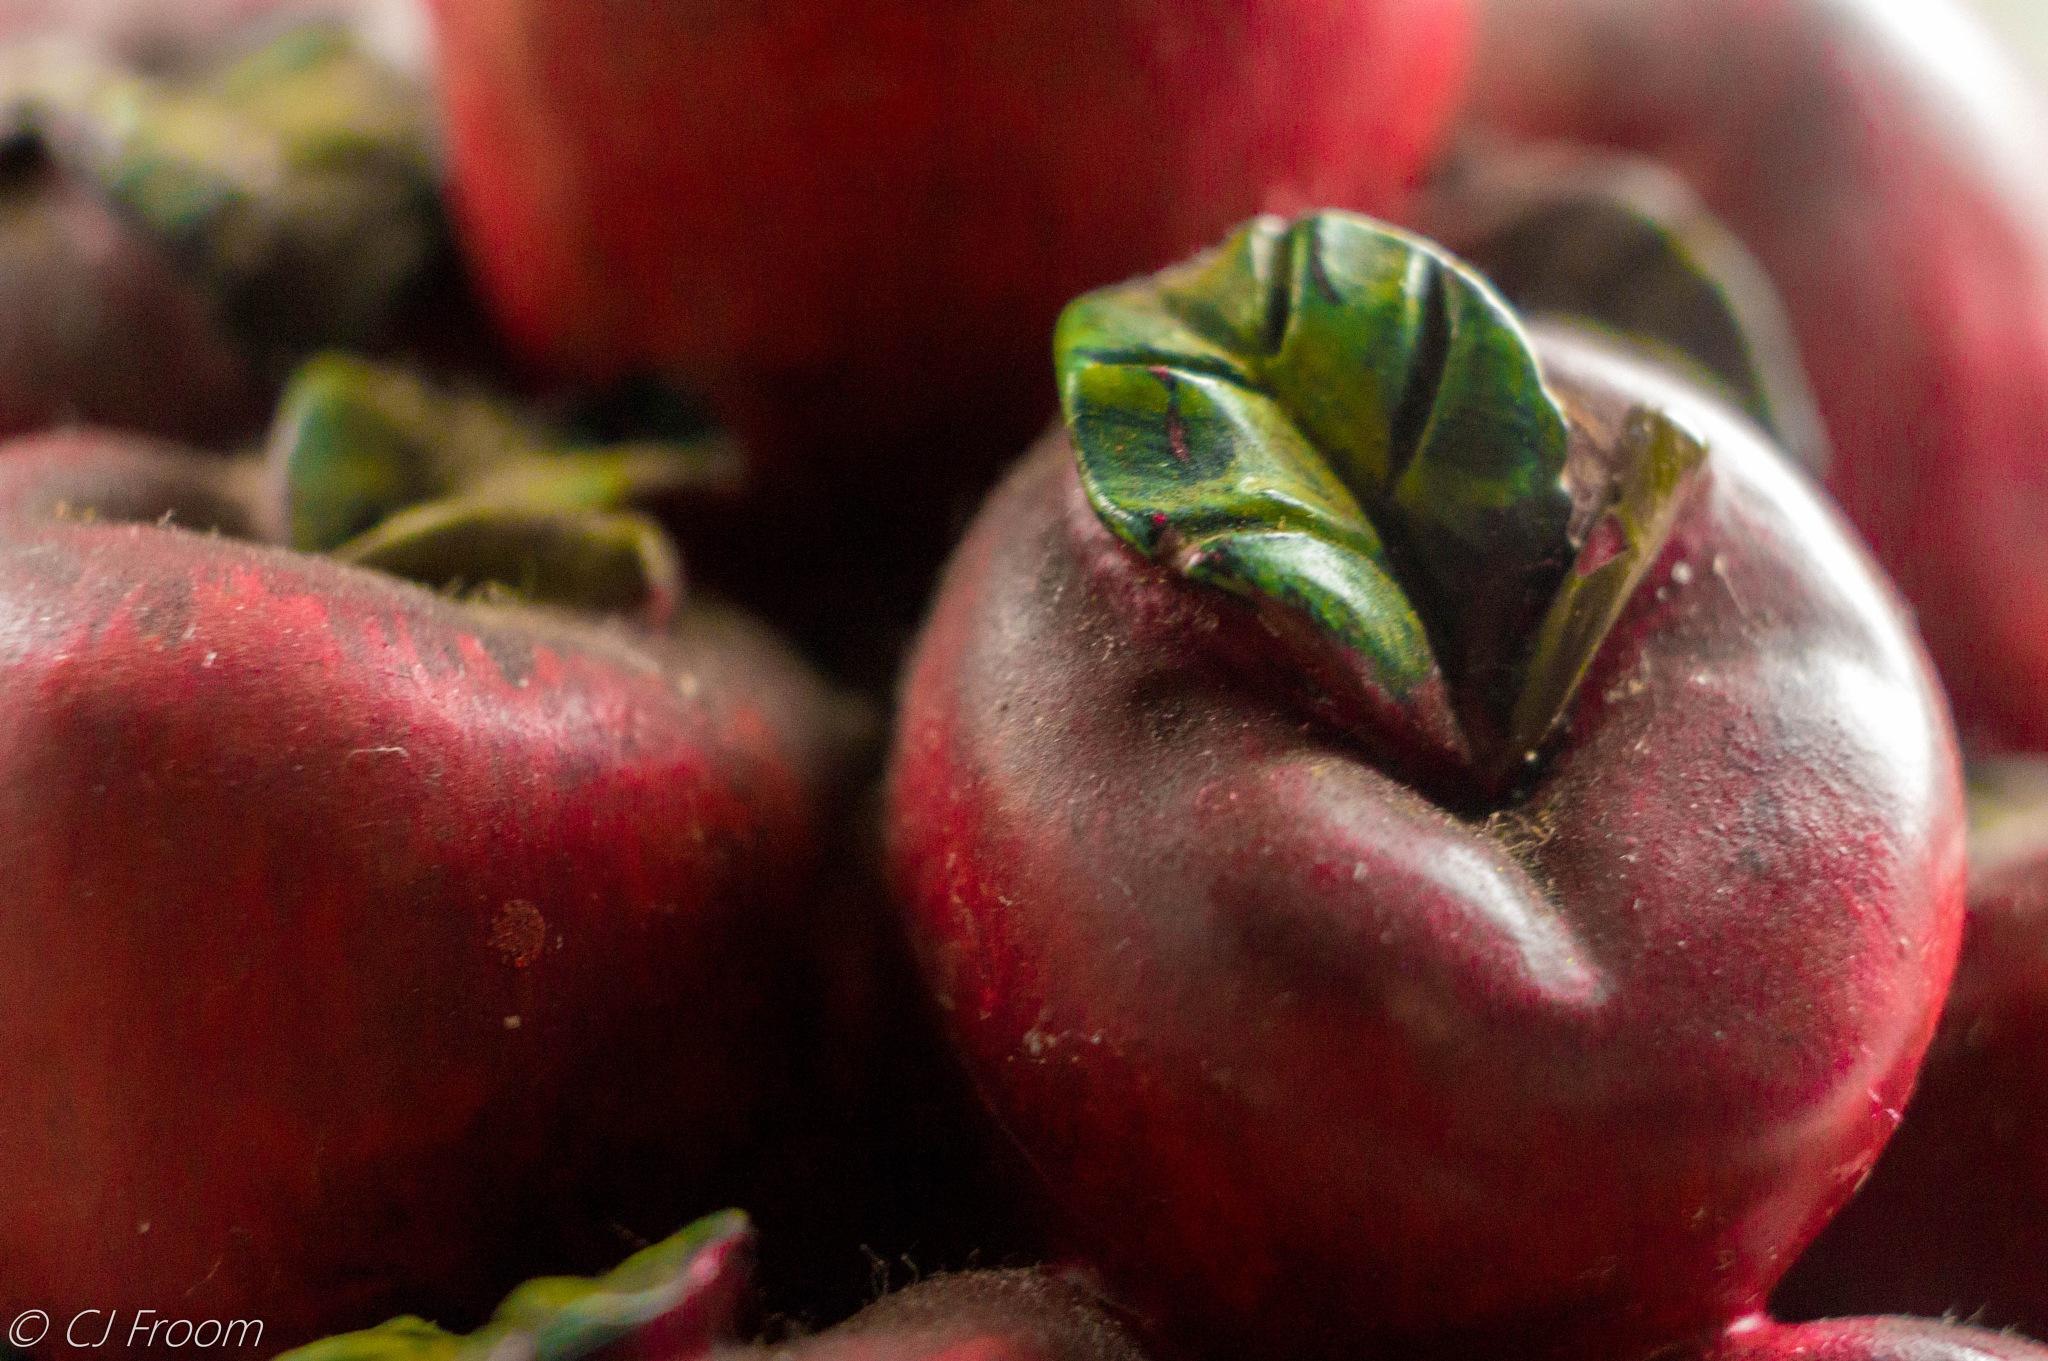 Dusty Apples by Cj Froom